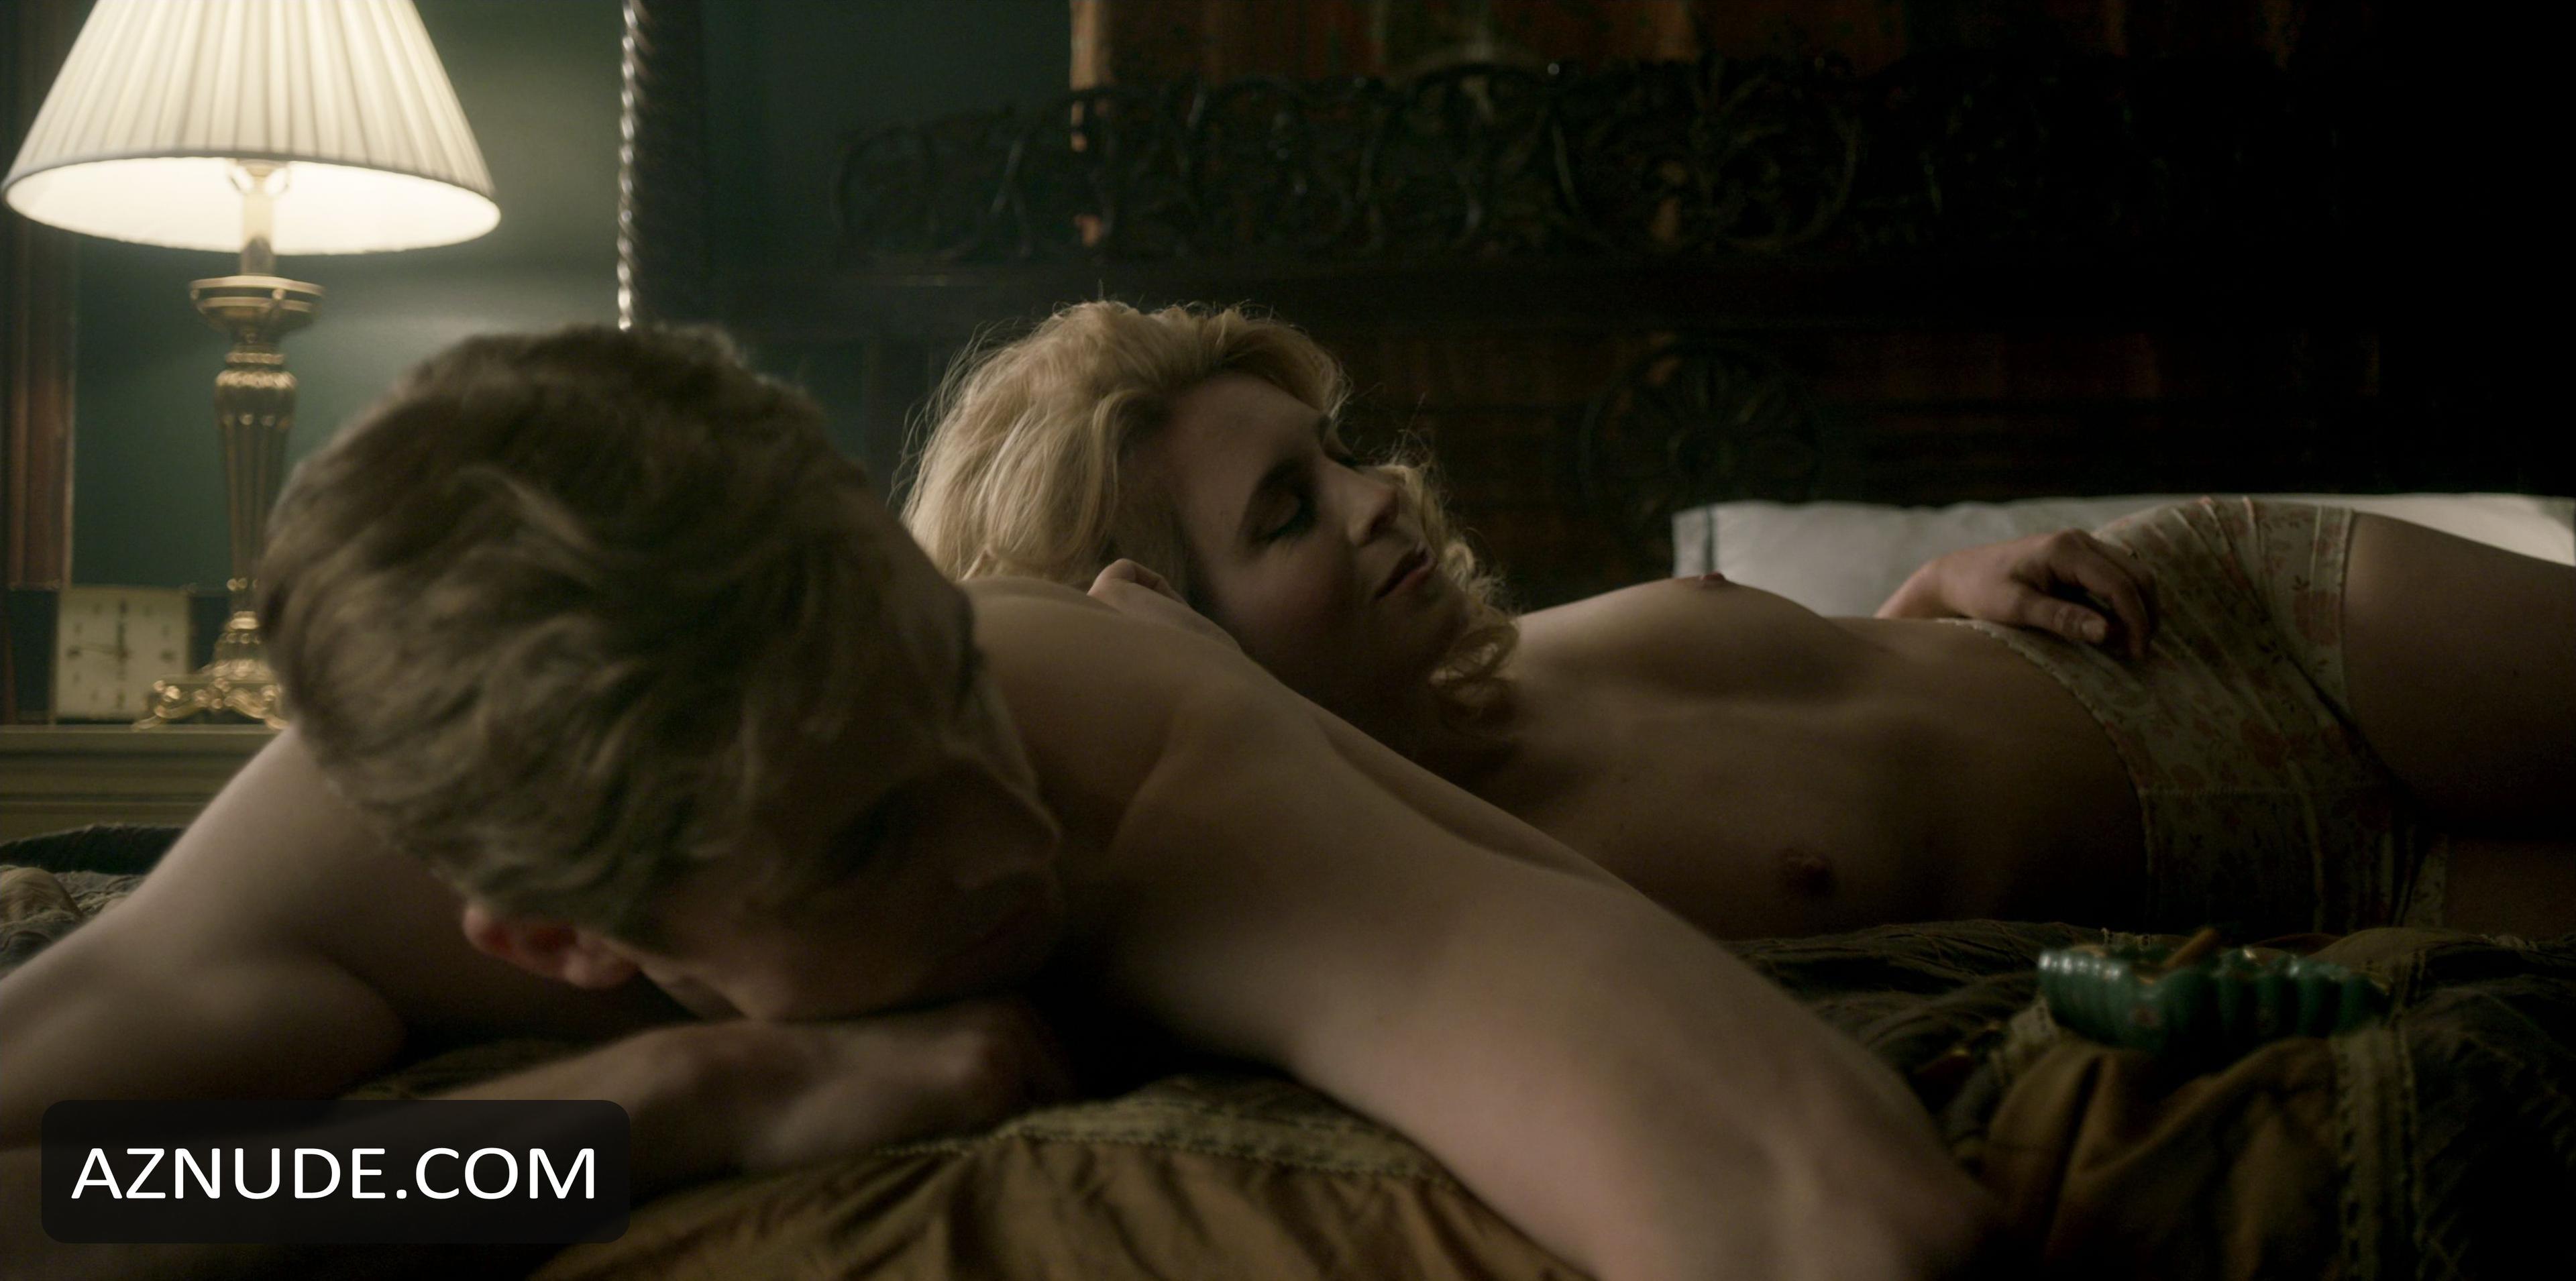 image Kristen stewart nude scene in personal shopper scandalplanet Part 3